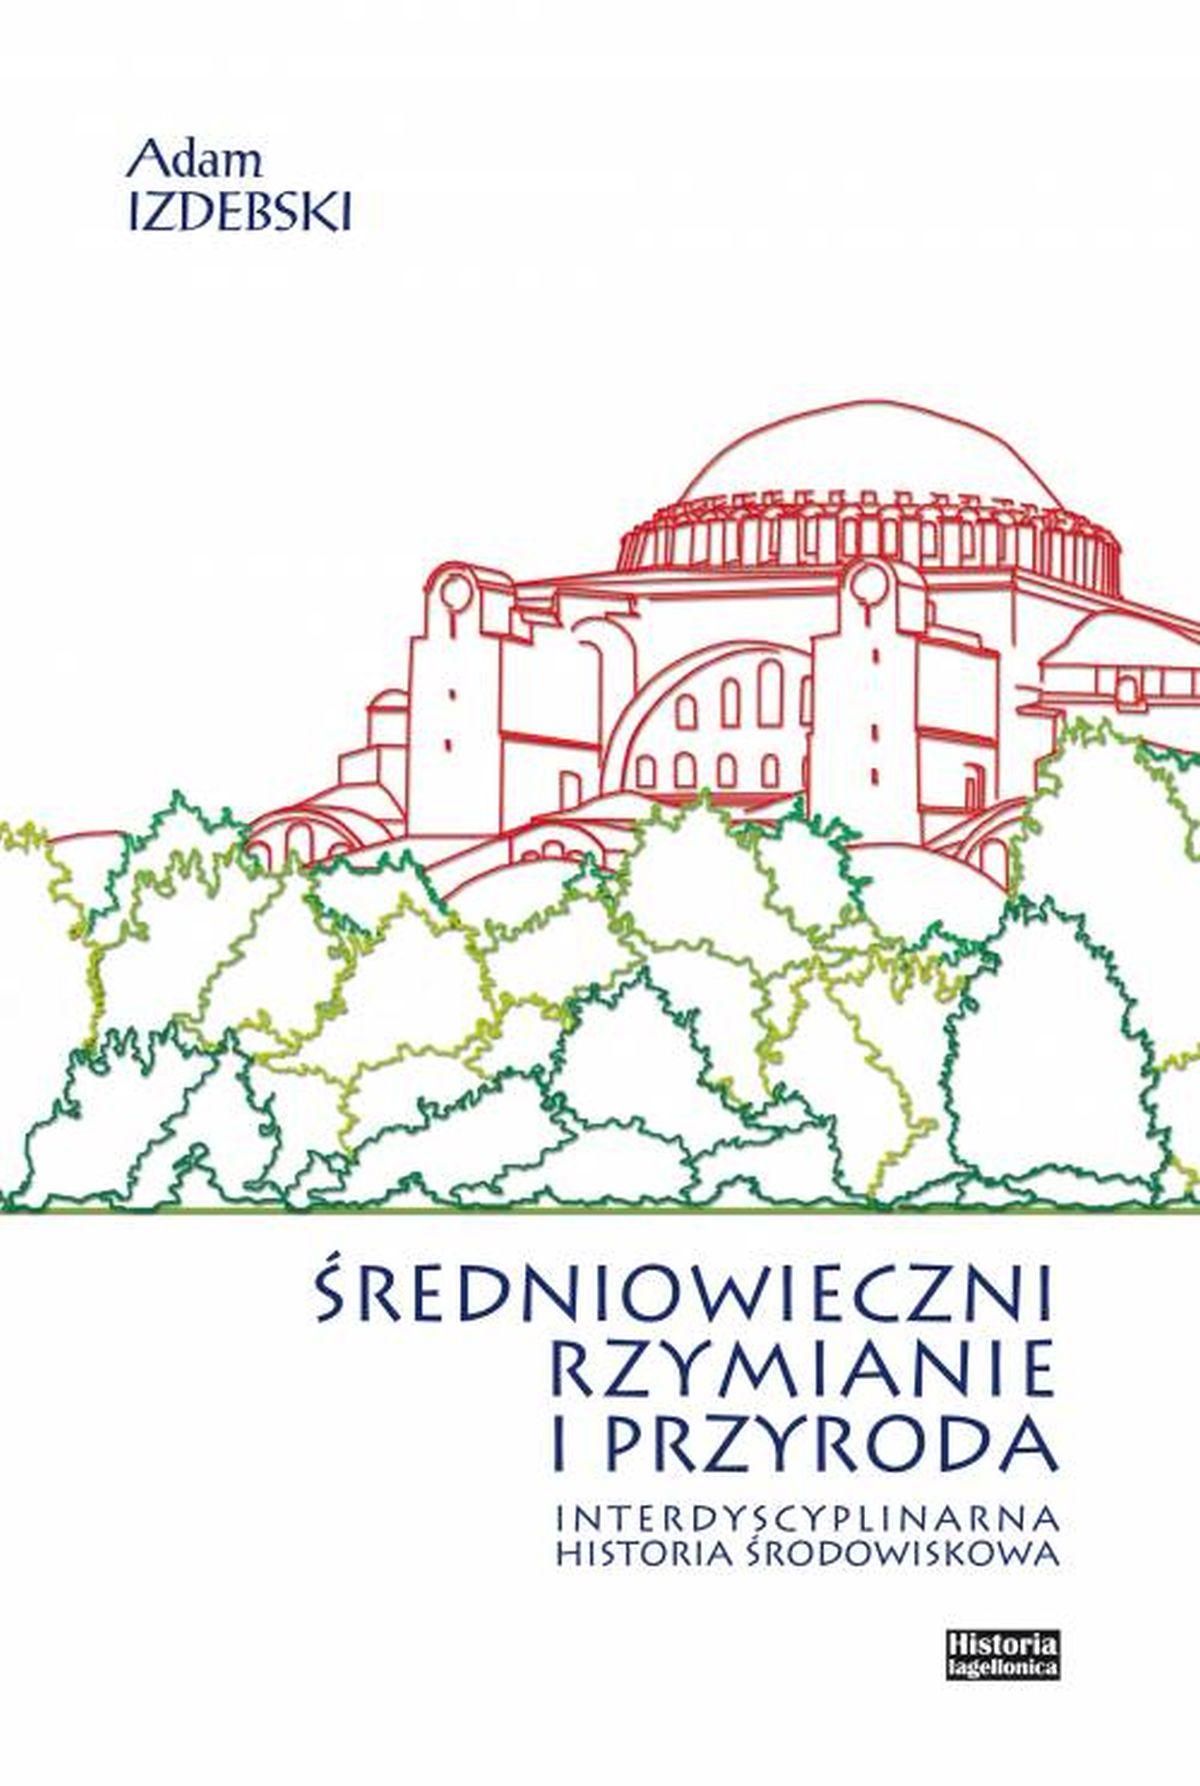 Średniowieczni Rzymianie i przyroda. Interdyscyplinarna historia środowiskowa